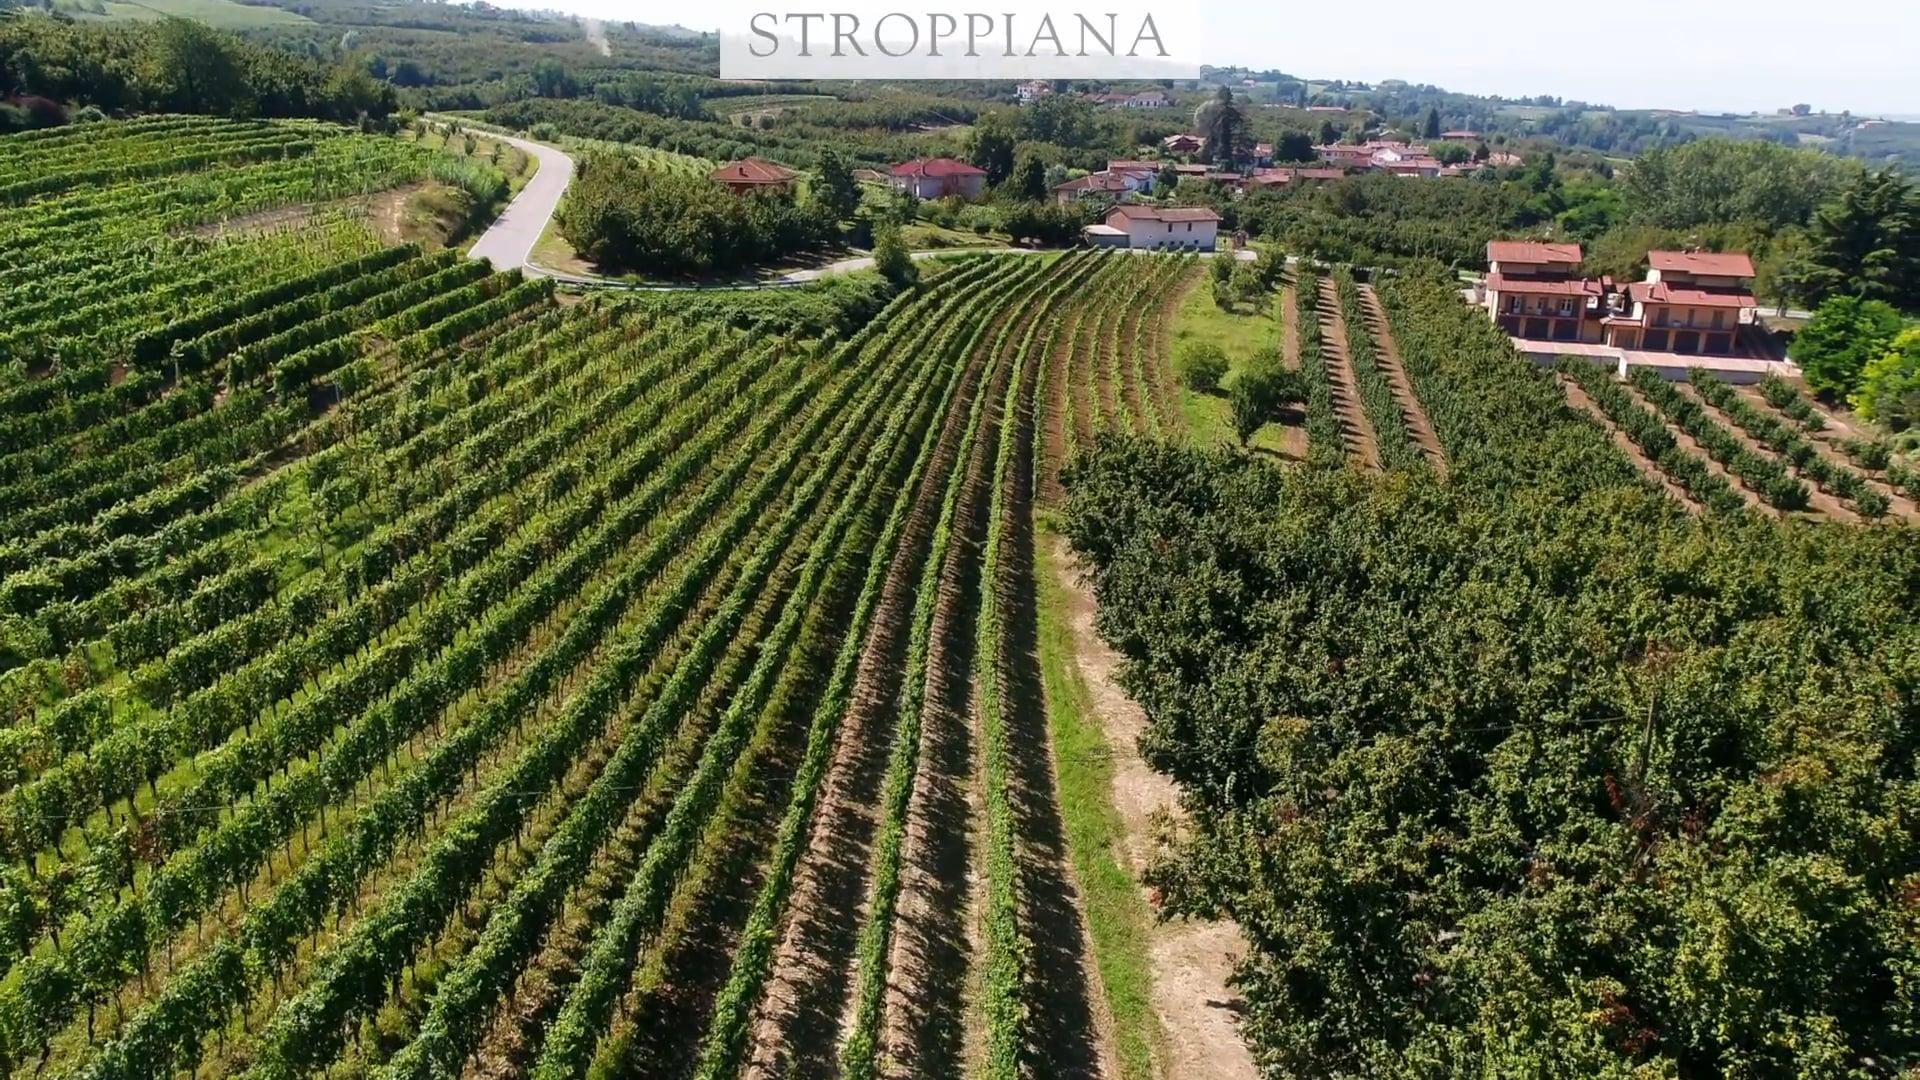 Stroppiana | Il vigneto in La Morra | The vineyard in La Morra